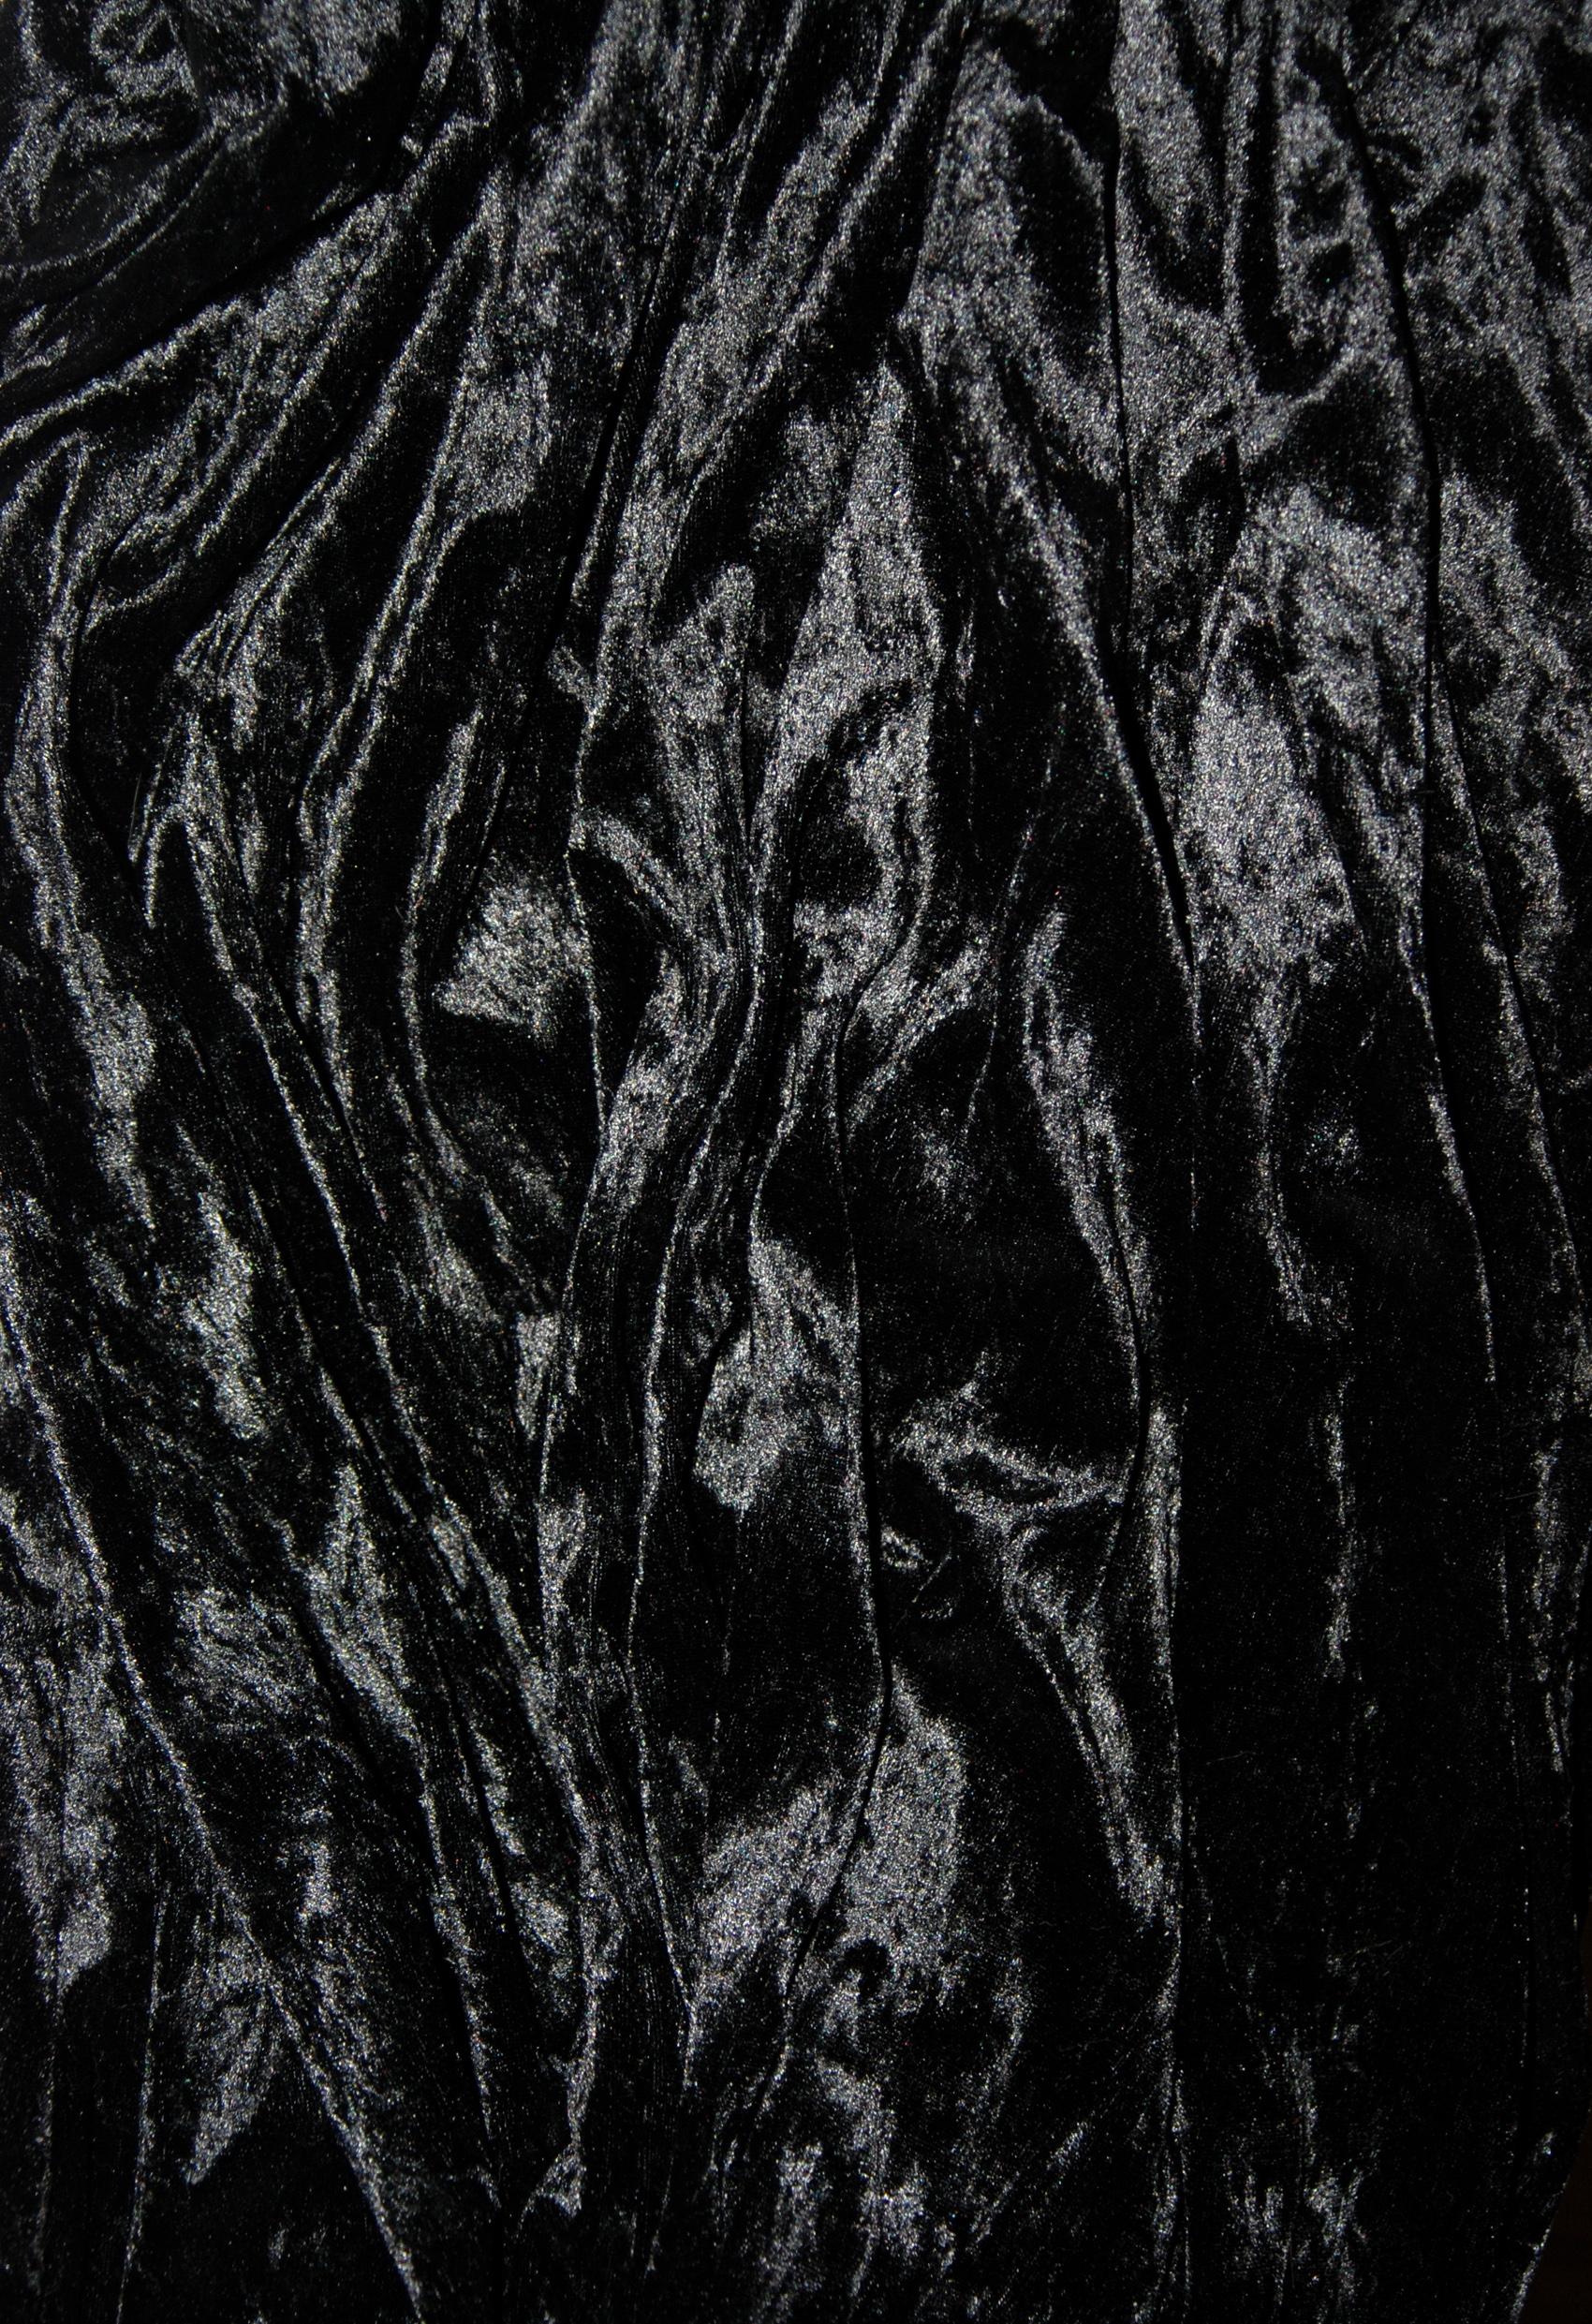 black crushed velvet by objekt-stock on DeviantArt